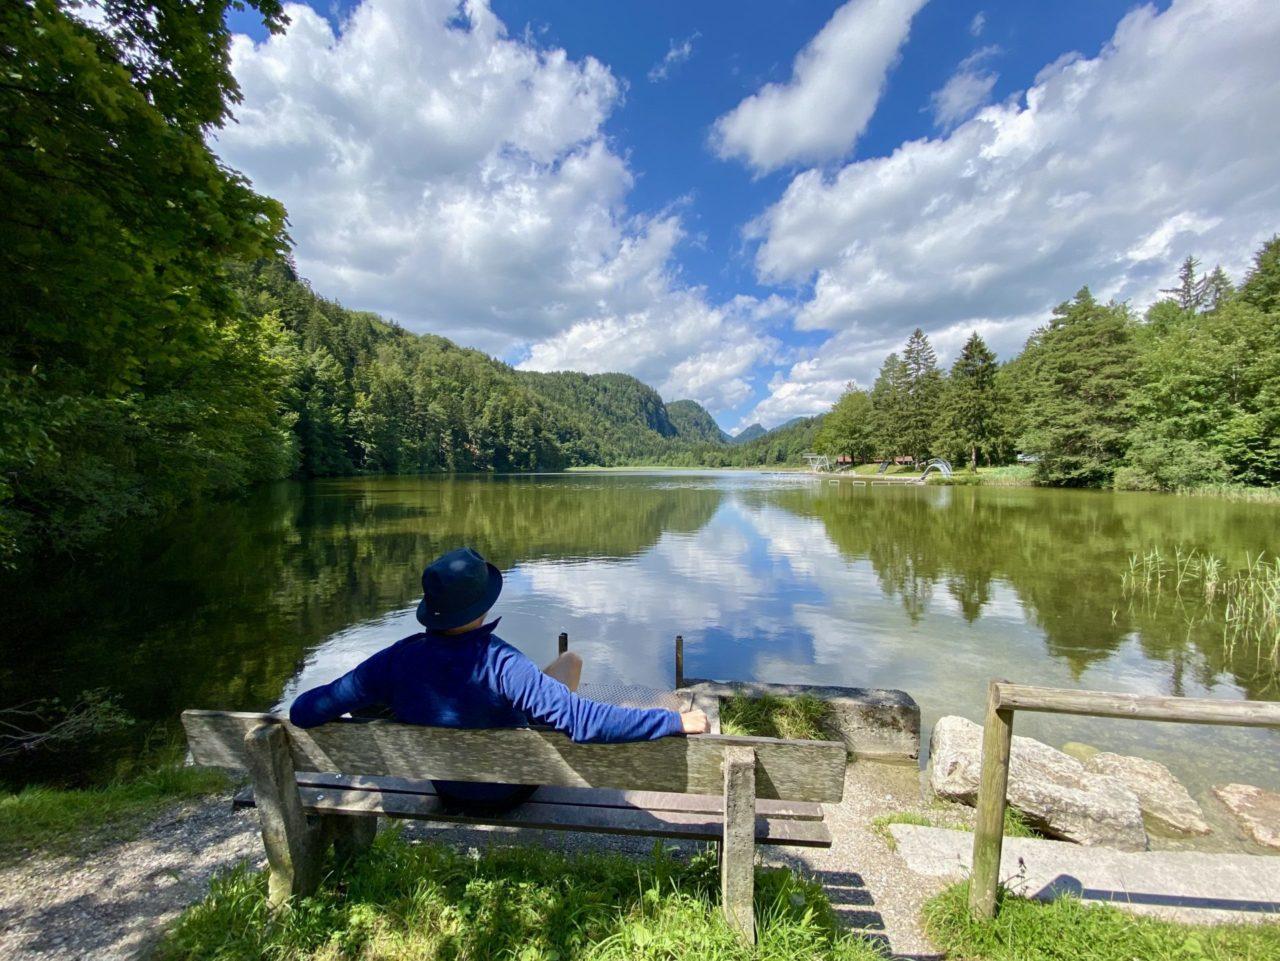 Ein Mann auf einer Bank vor einem See